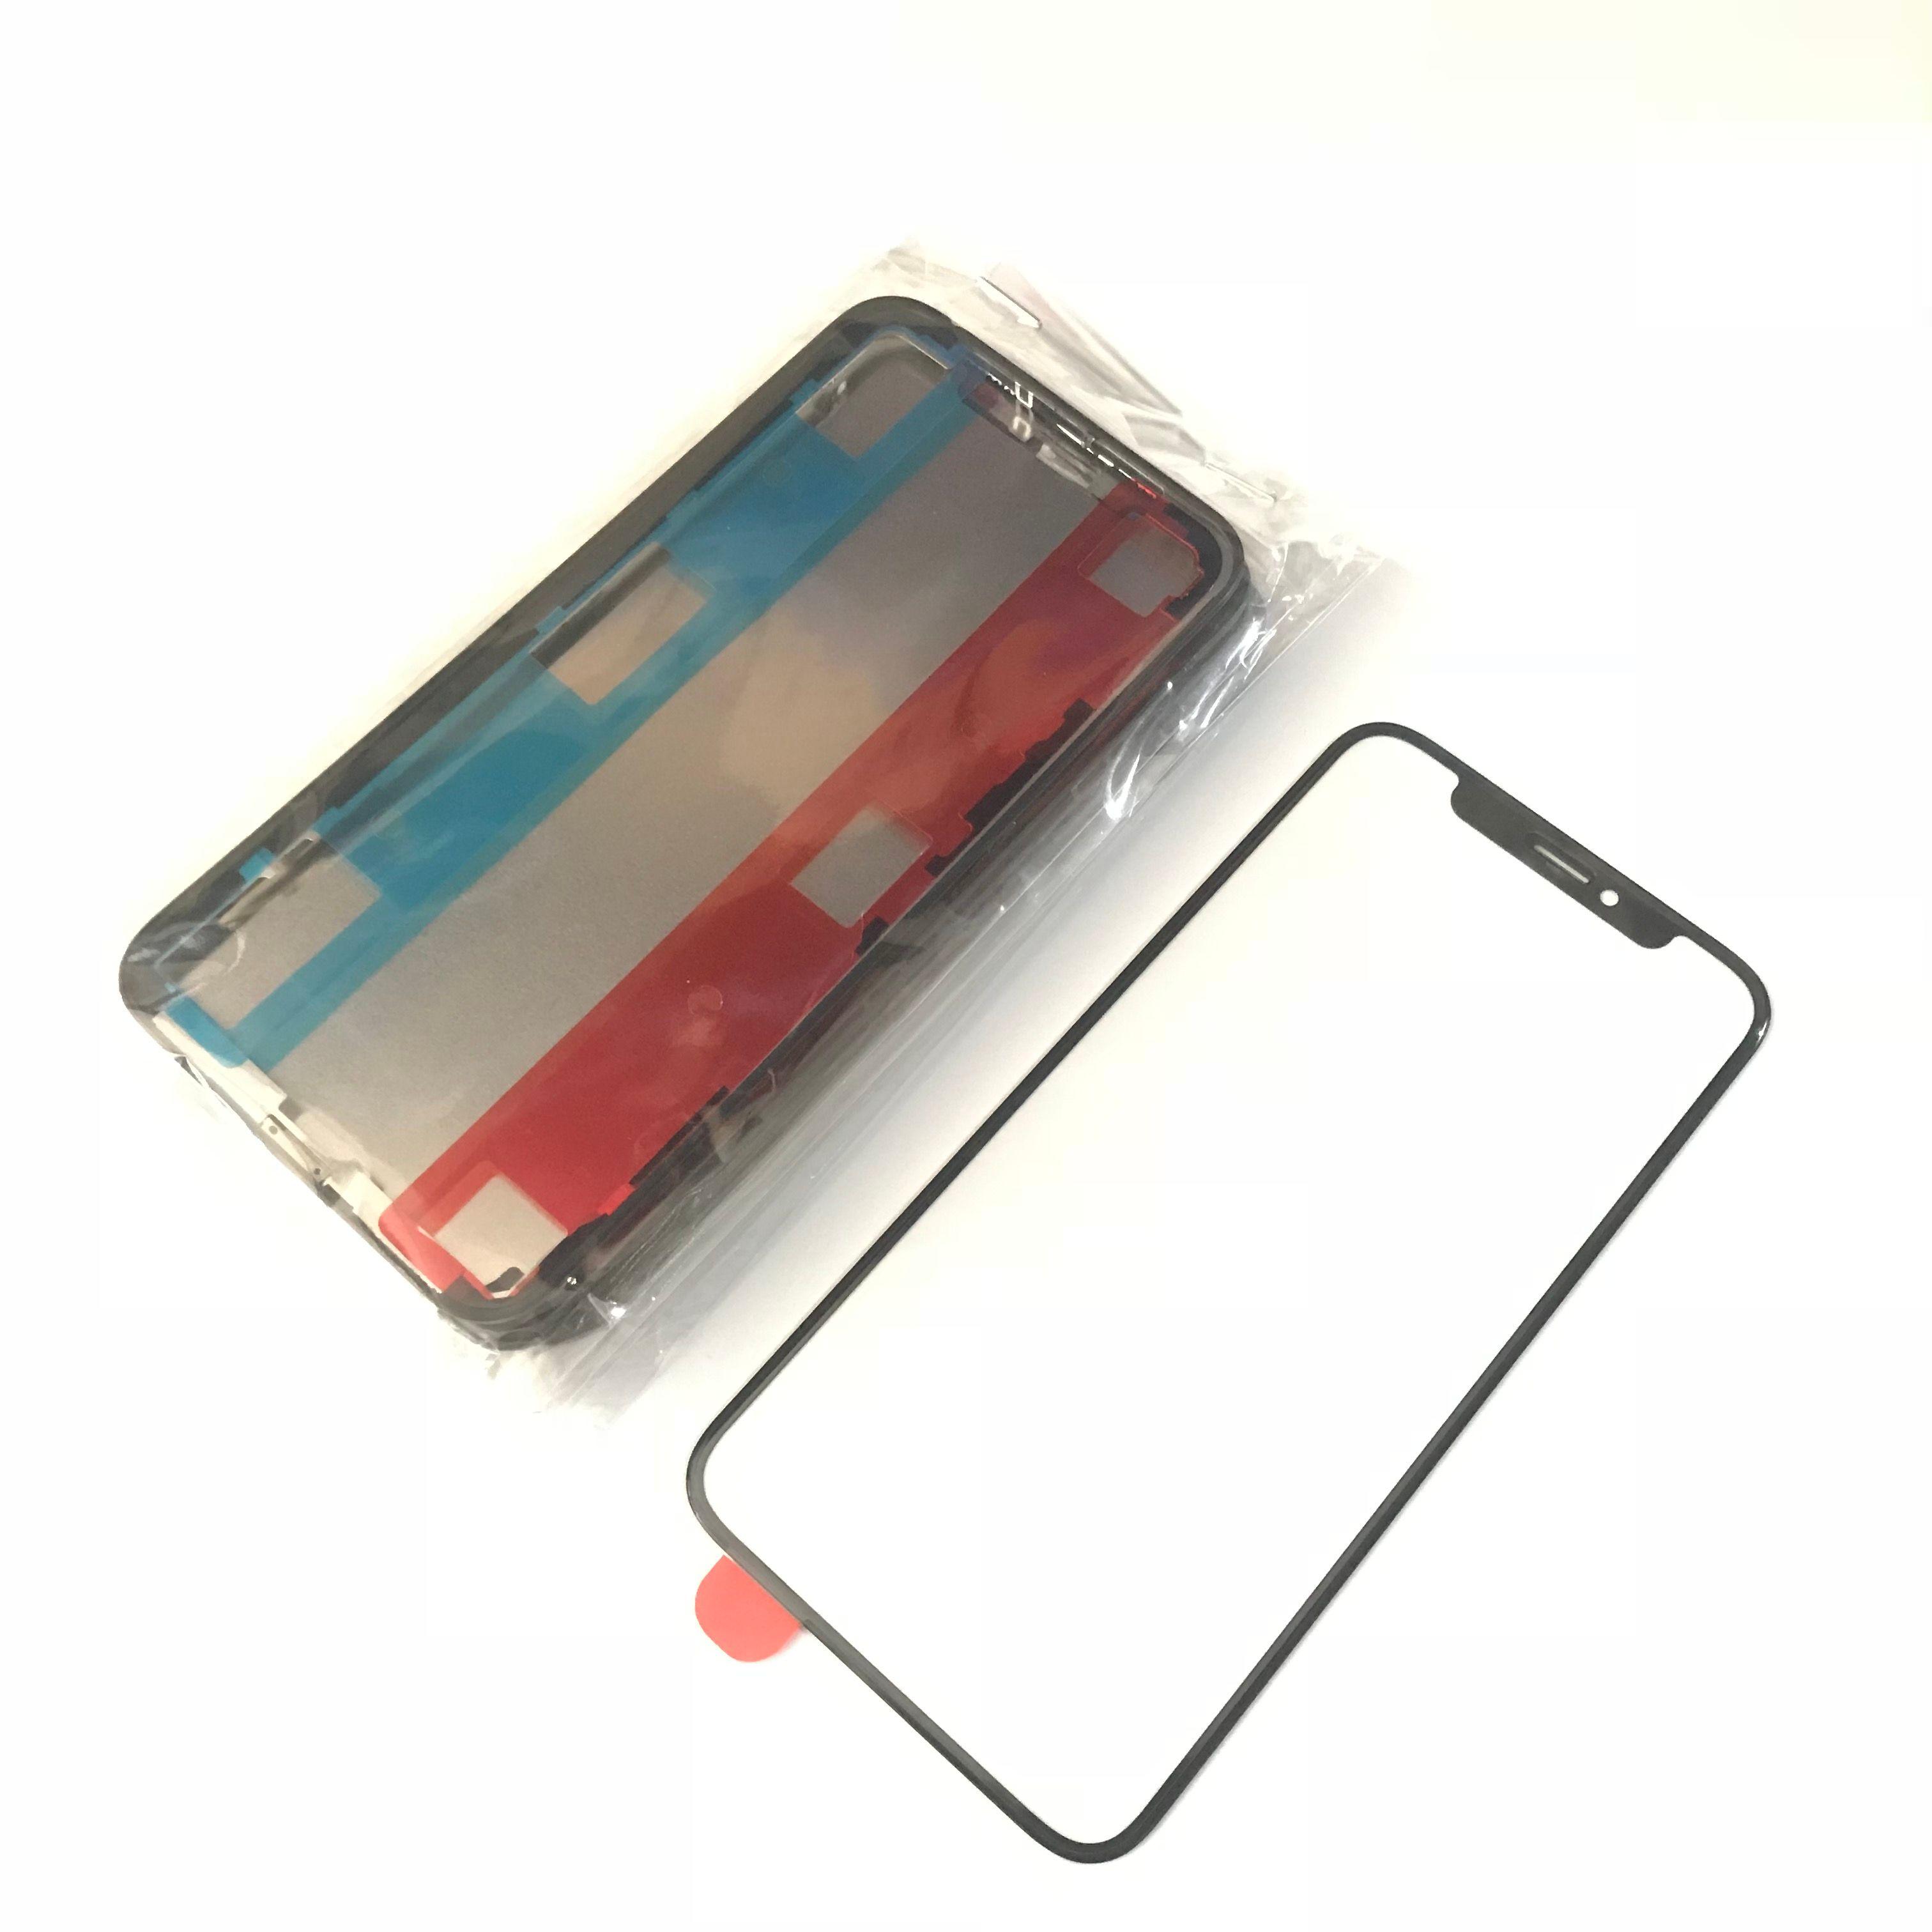 OEM novo a + + + frente lente de vidro da tela de toque com oCA + quadro médio para iphone x 10